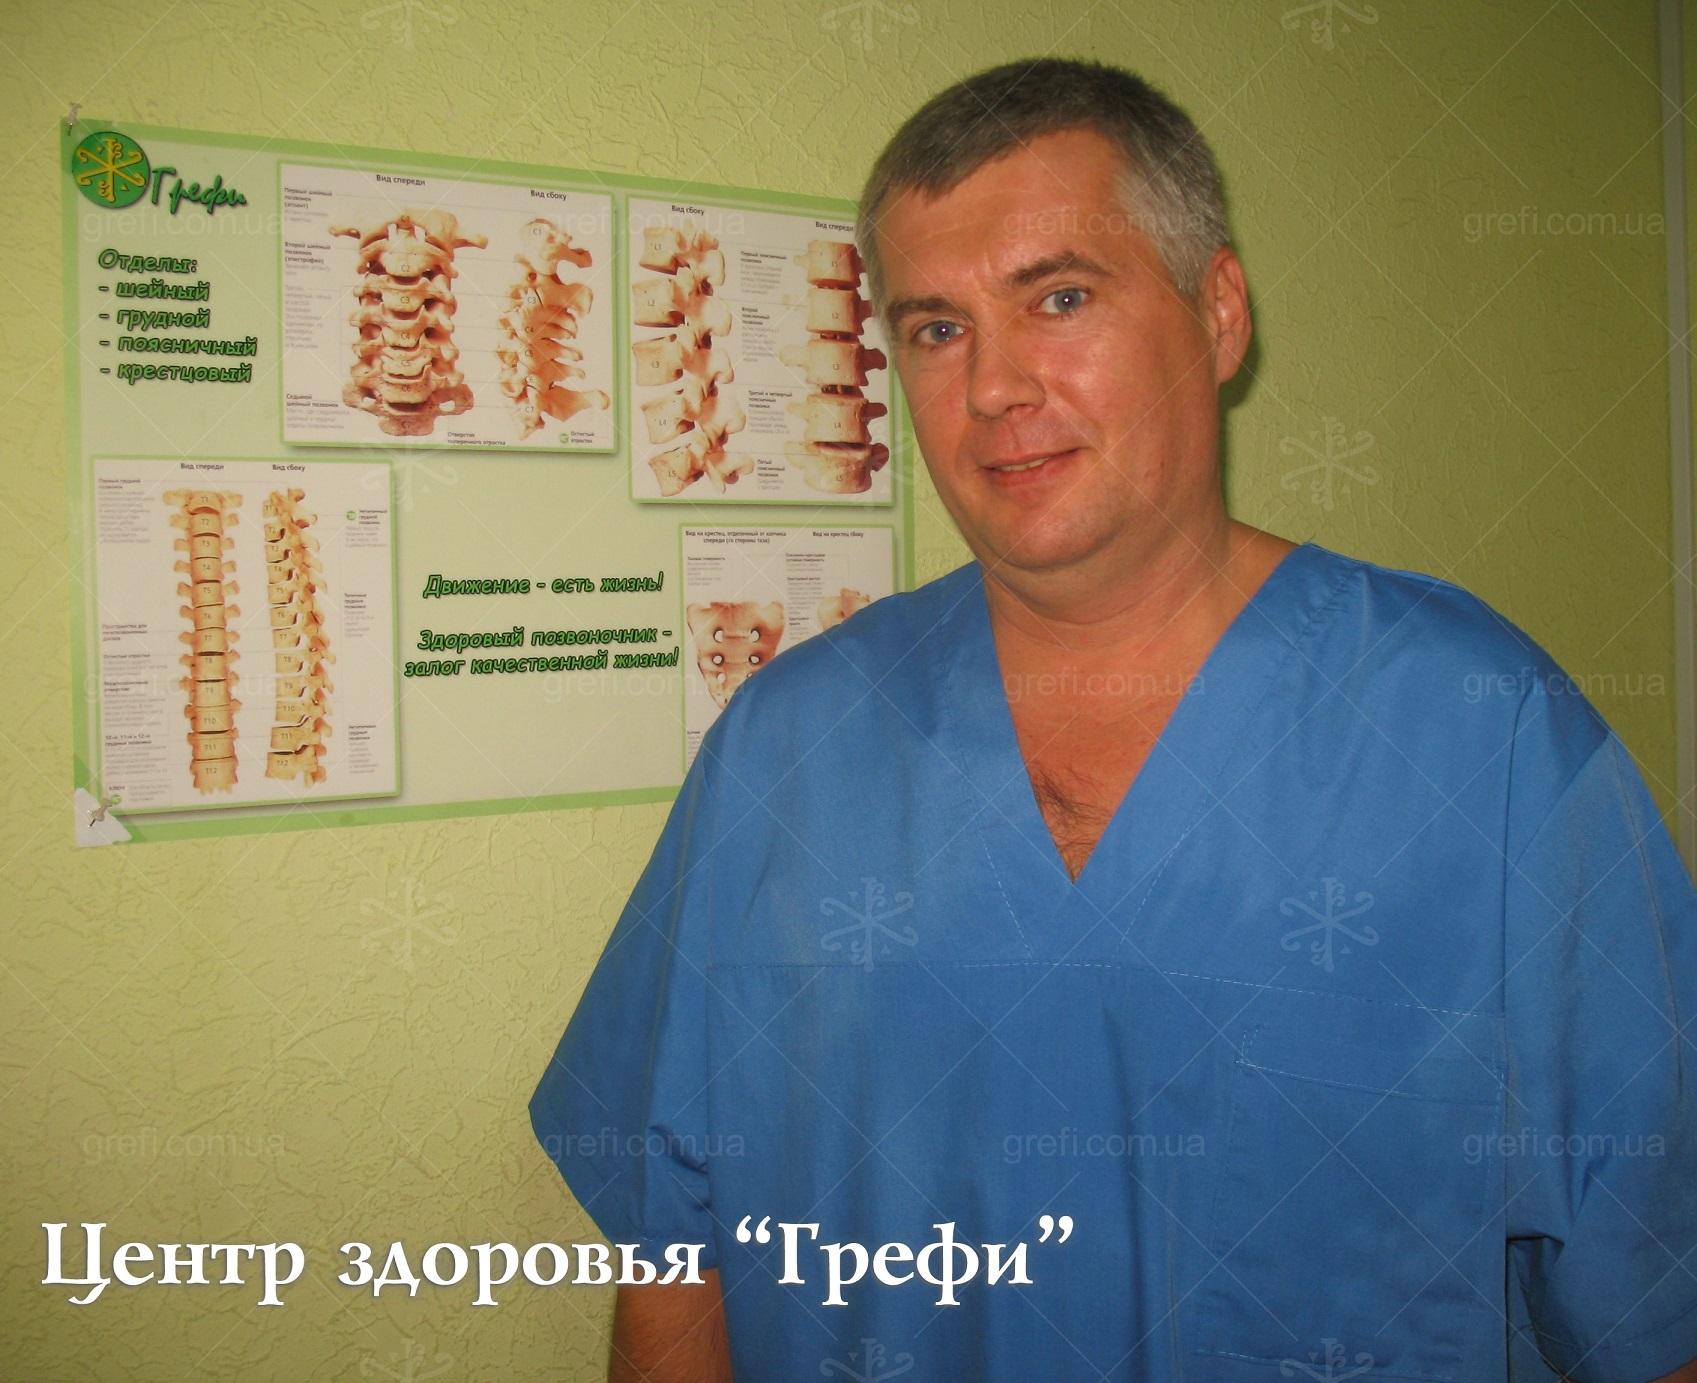 Вертебролог Центра здоровья Грефи Смишко Валерий Викторович, Профилактика, восстановление, лечение позвоночника в Запорожье.